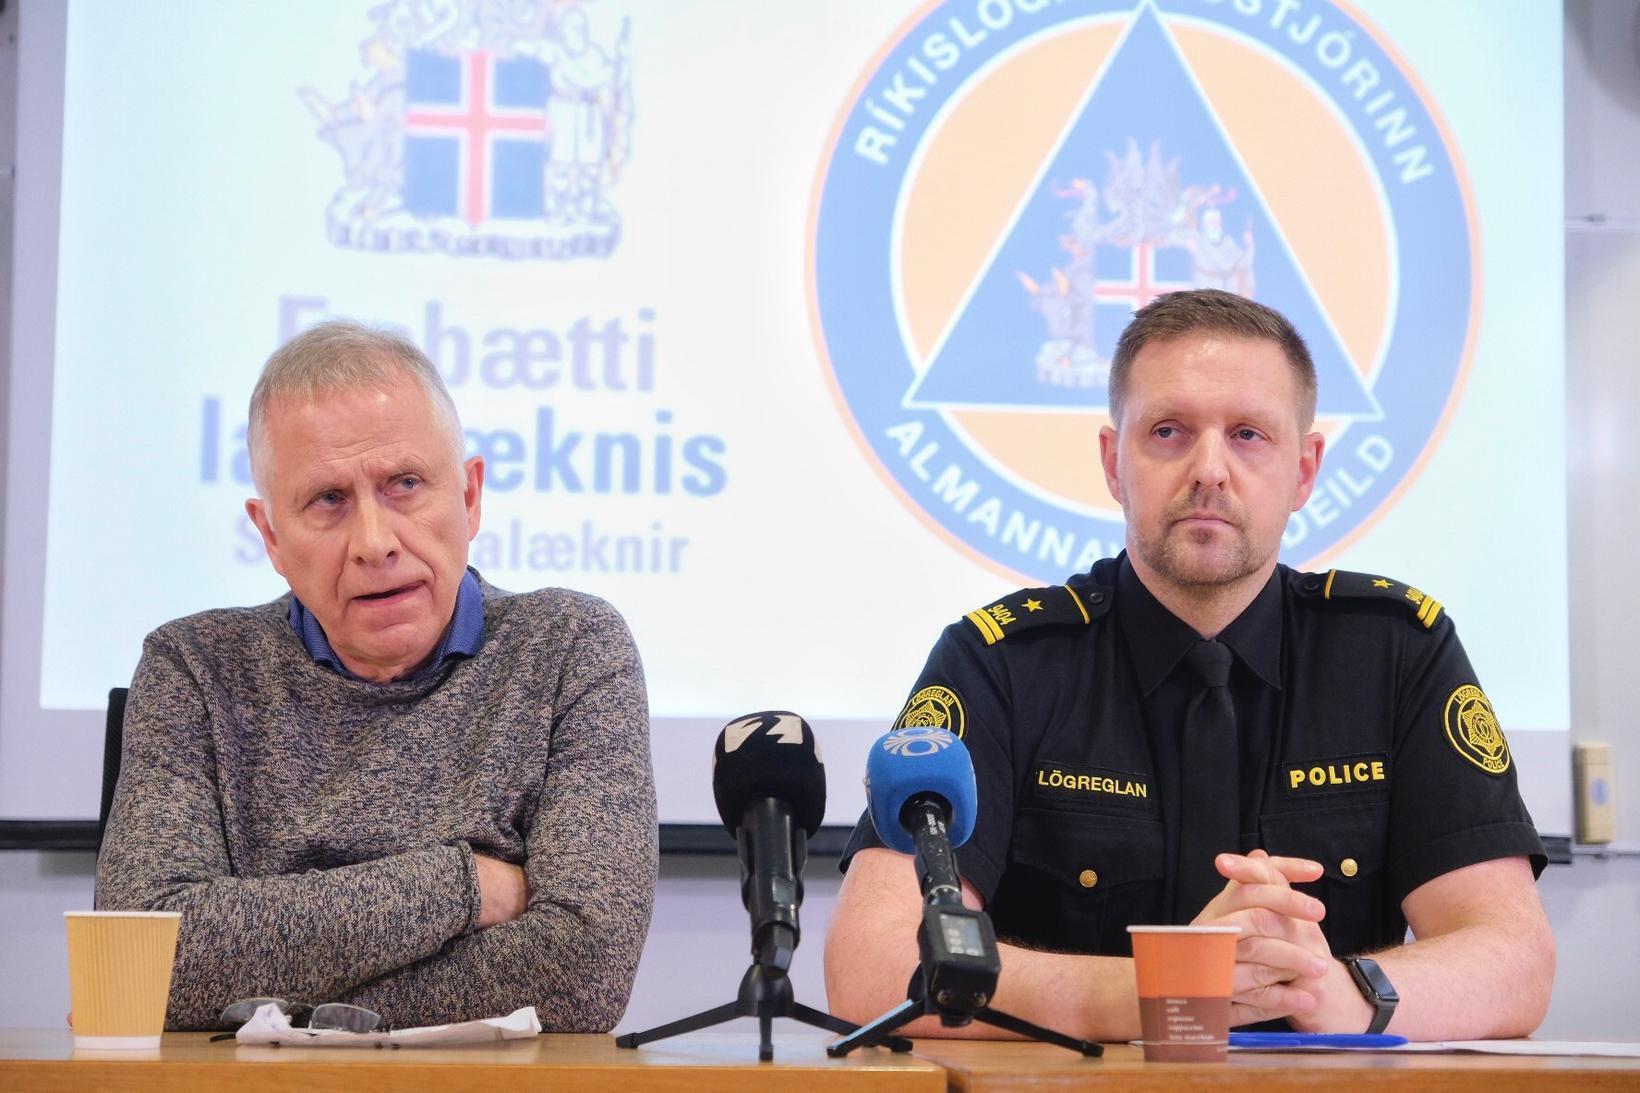 Þórólfur Guðnason sóttvarnalæknir og Rögnvaldur Ólafsson, verkefnastjóri almannavarna, á blaðamannafundi …